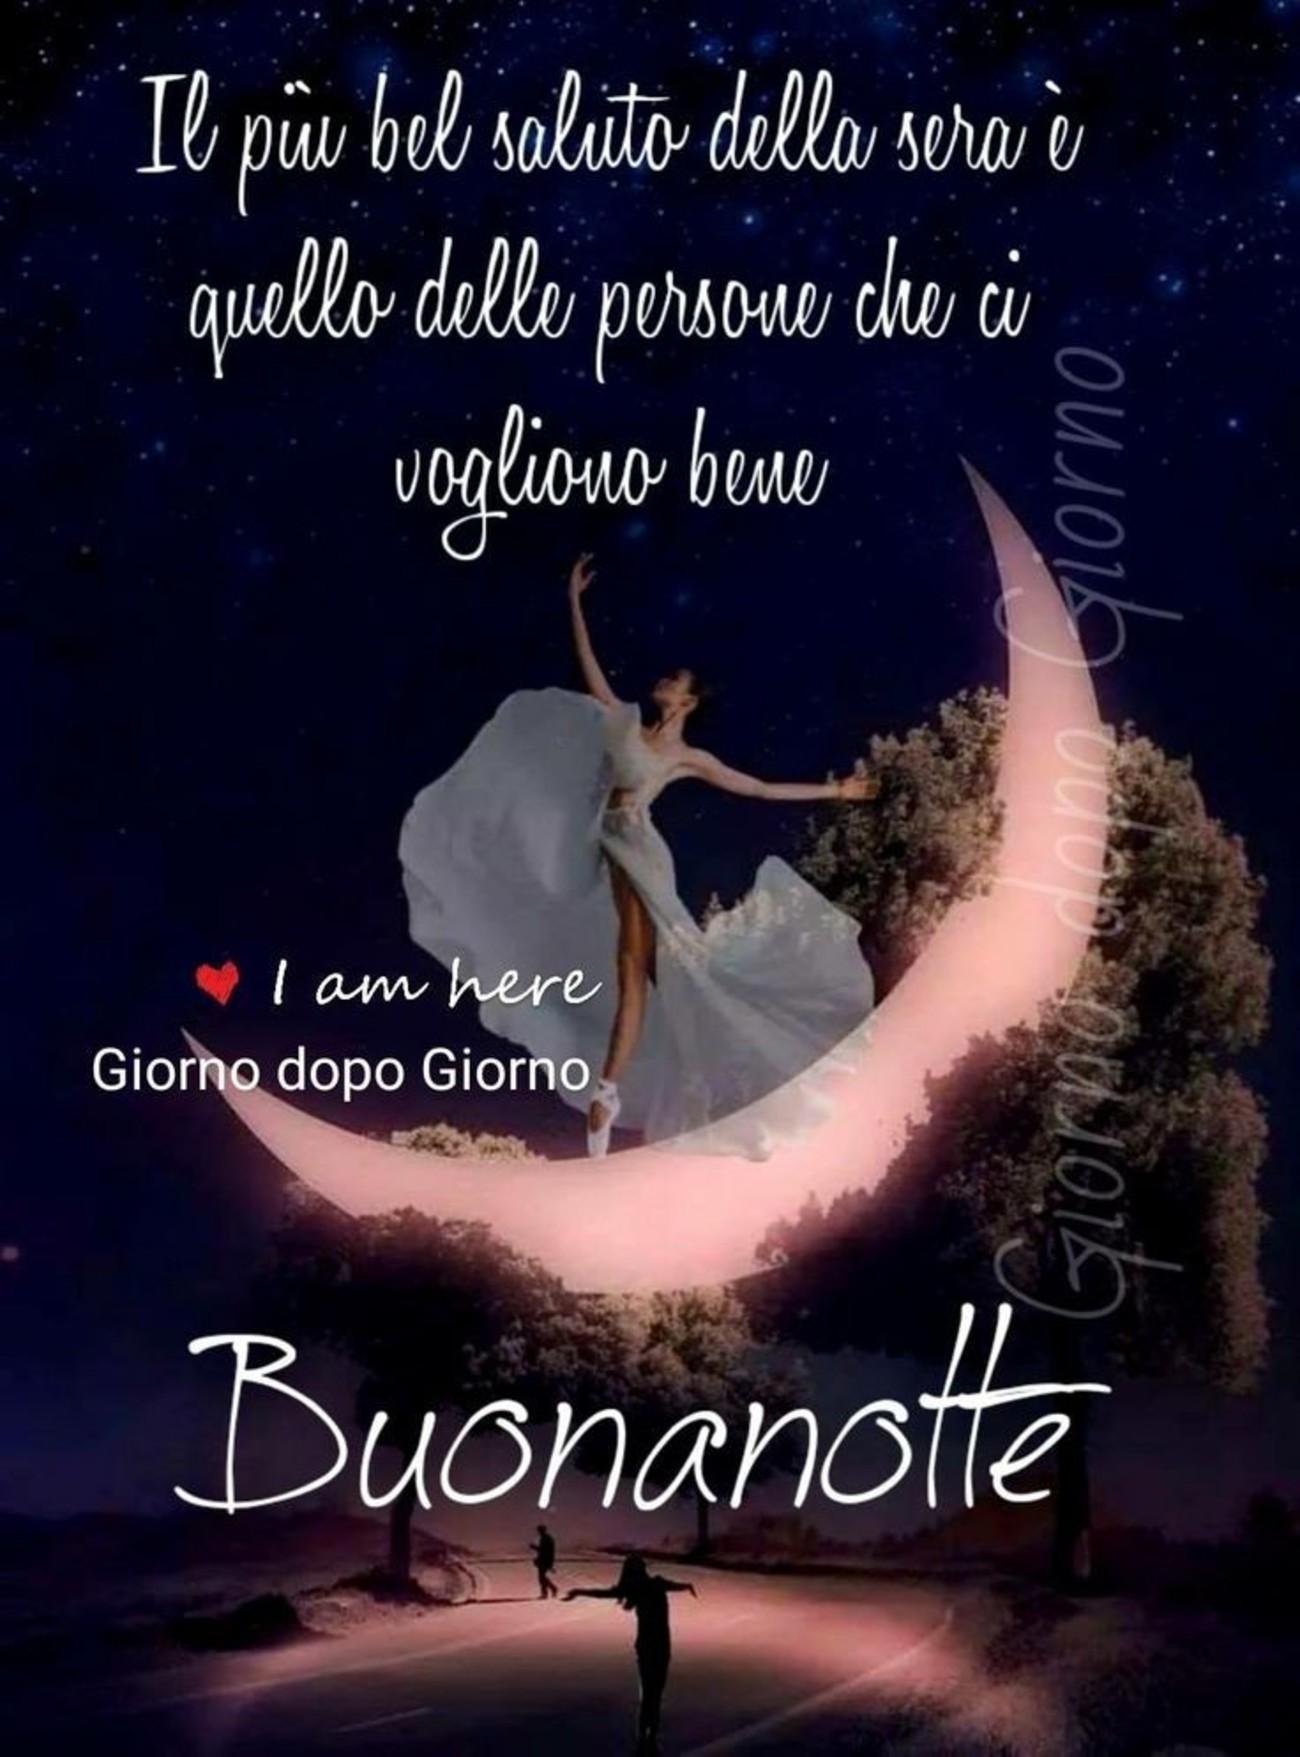 Belle Frasi Di Buonanotte Buongiornoate It